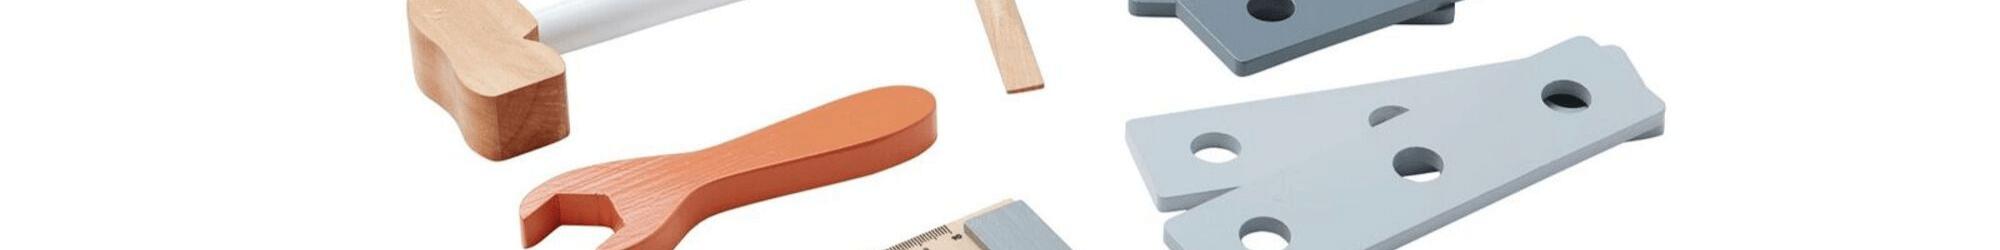 Speelgoedwinkel Daantje houten gereedschap kind